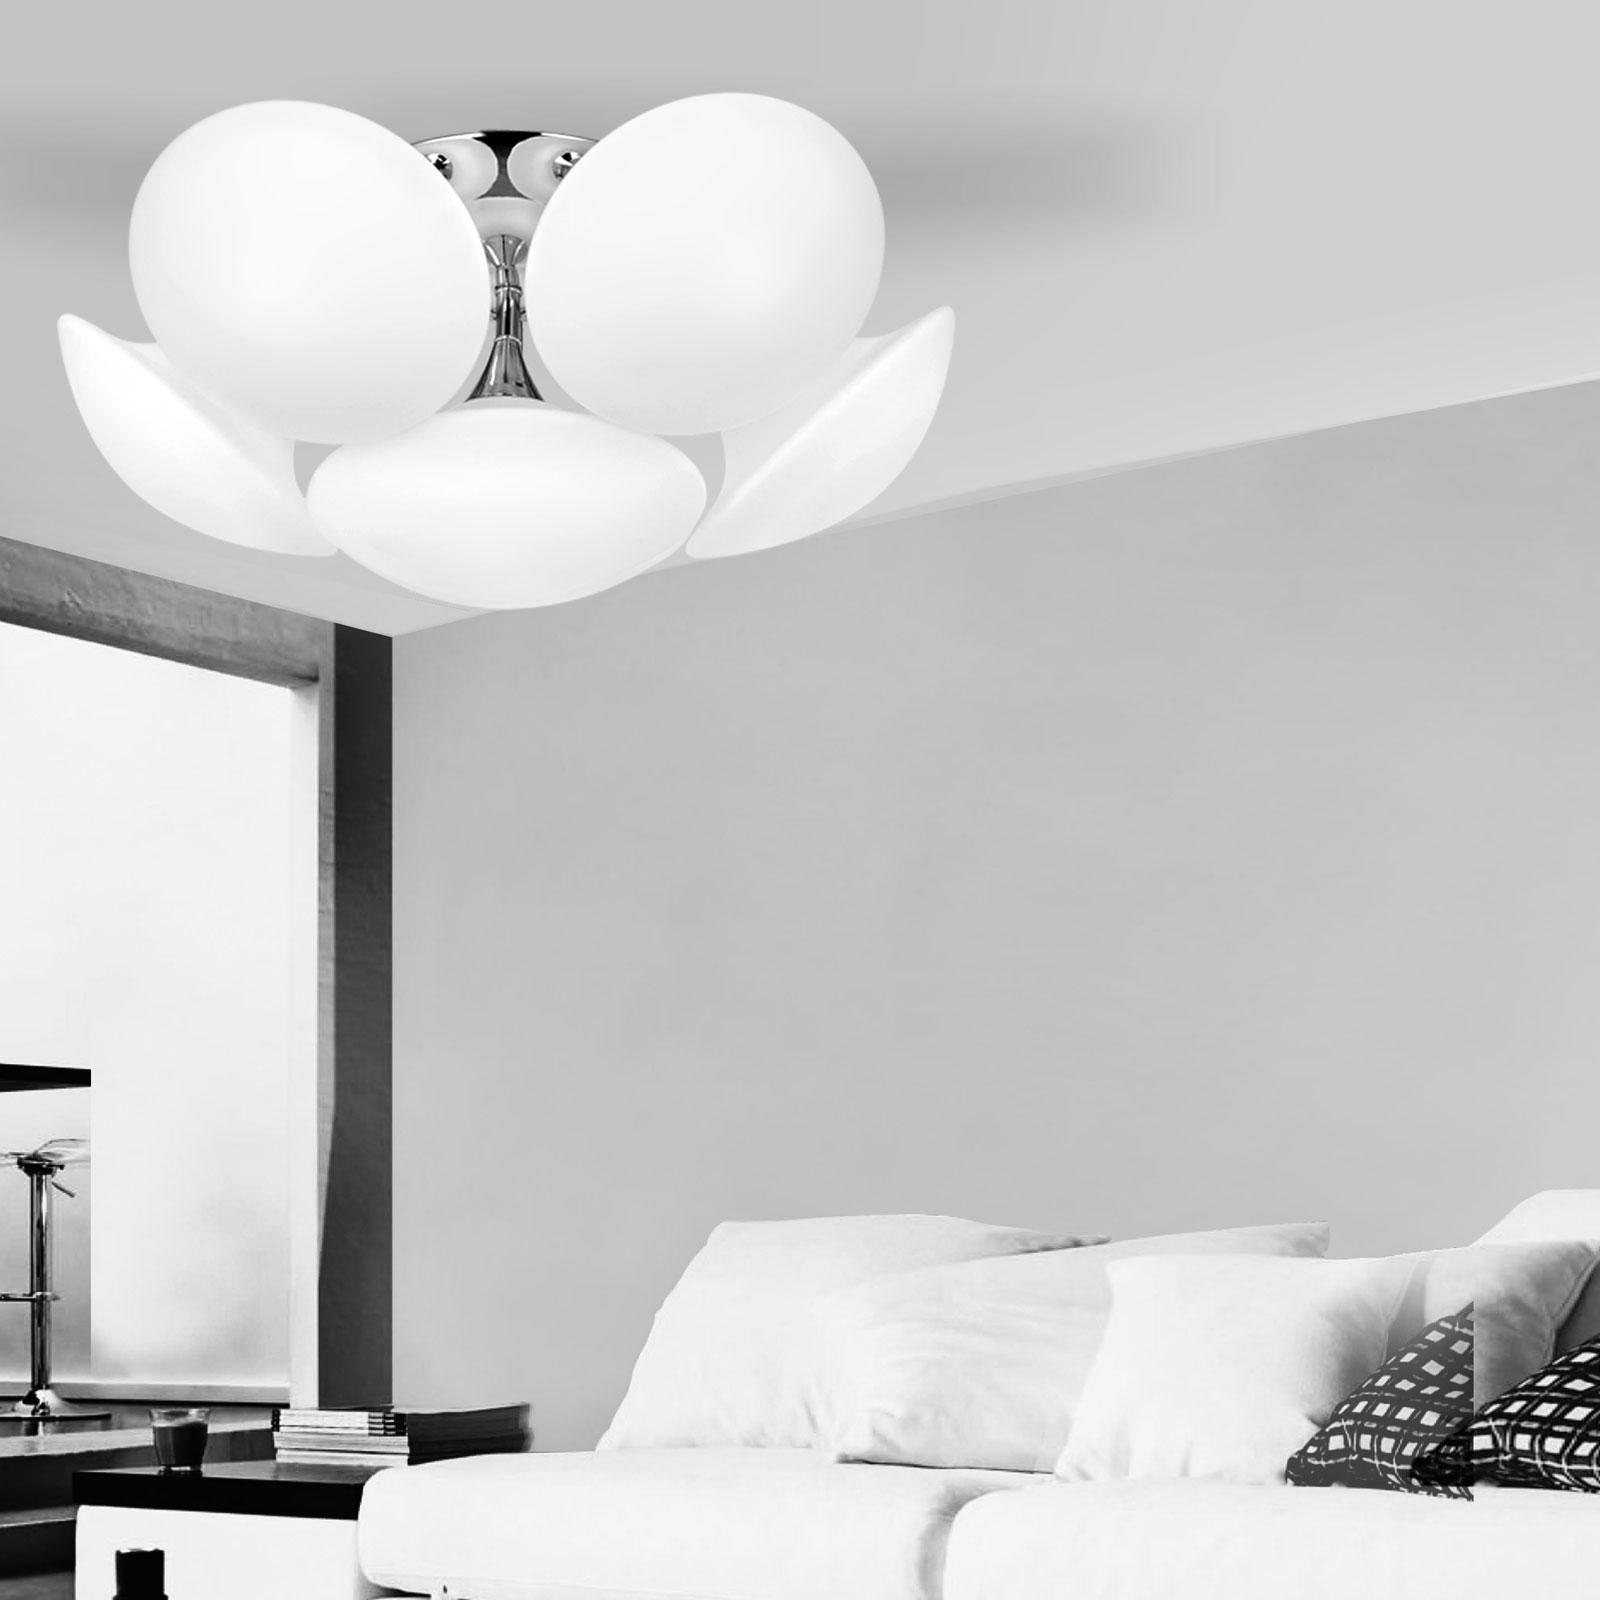 Full Size of Stehlampen Wohnzimmer Lampe Led Deckenleuchte Küche Kunstleder Sofa Weiß Schrankwand Gardine Echtleder Bilder Xxl Spiegel Bad Deckenlampen Teppich Wohnzimmer Led Wohnzimmer Deckenleuchte